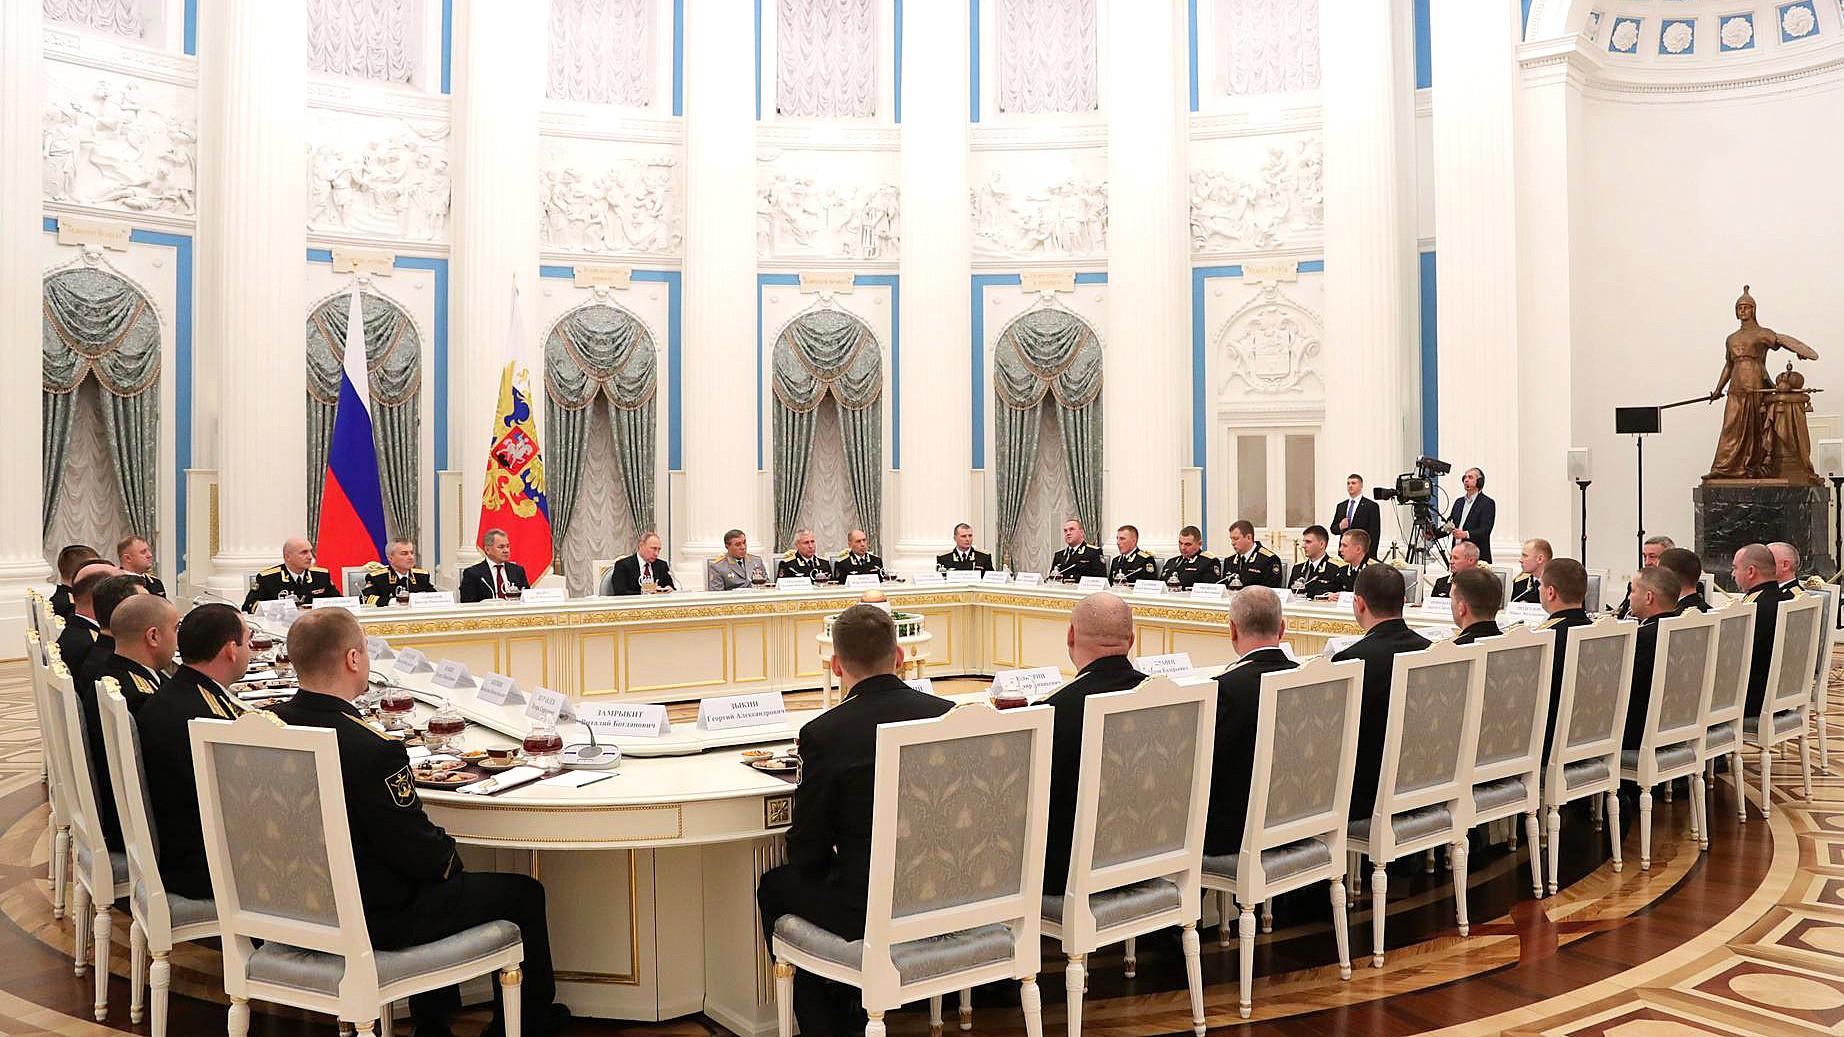 «Достойная работа»: Путин отметил успехи военных РФ  в Сирии